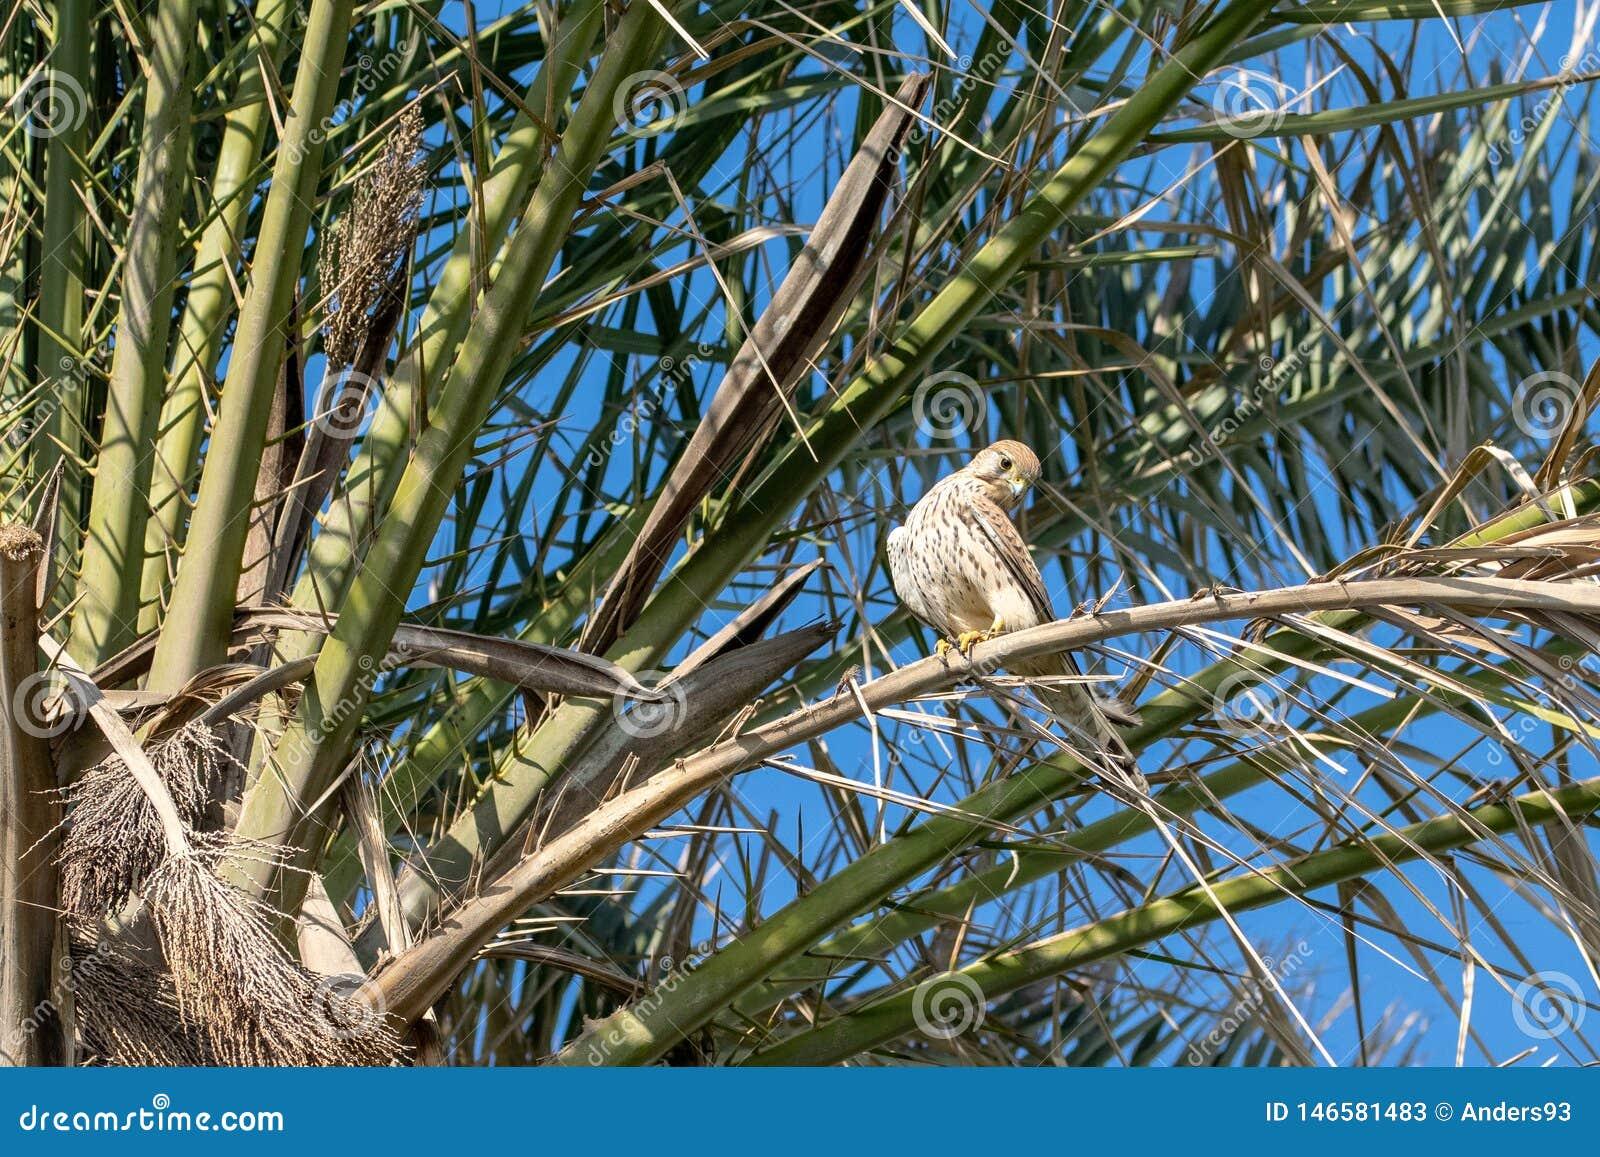 Kestrel bird of prey